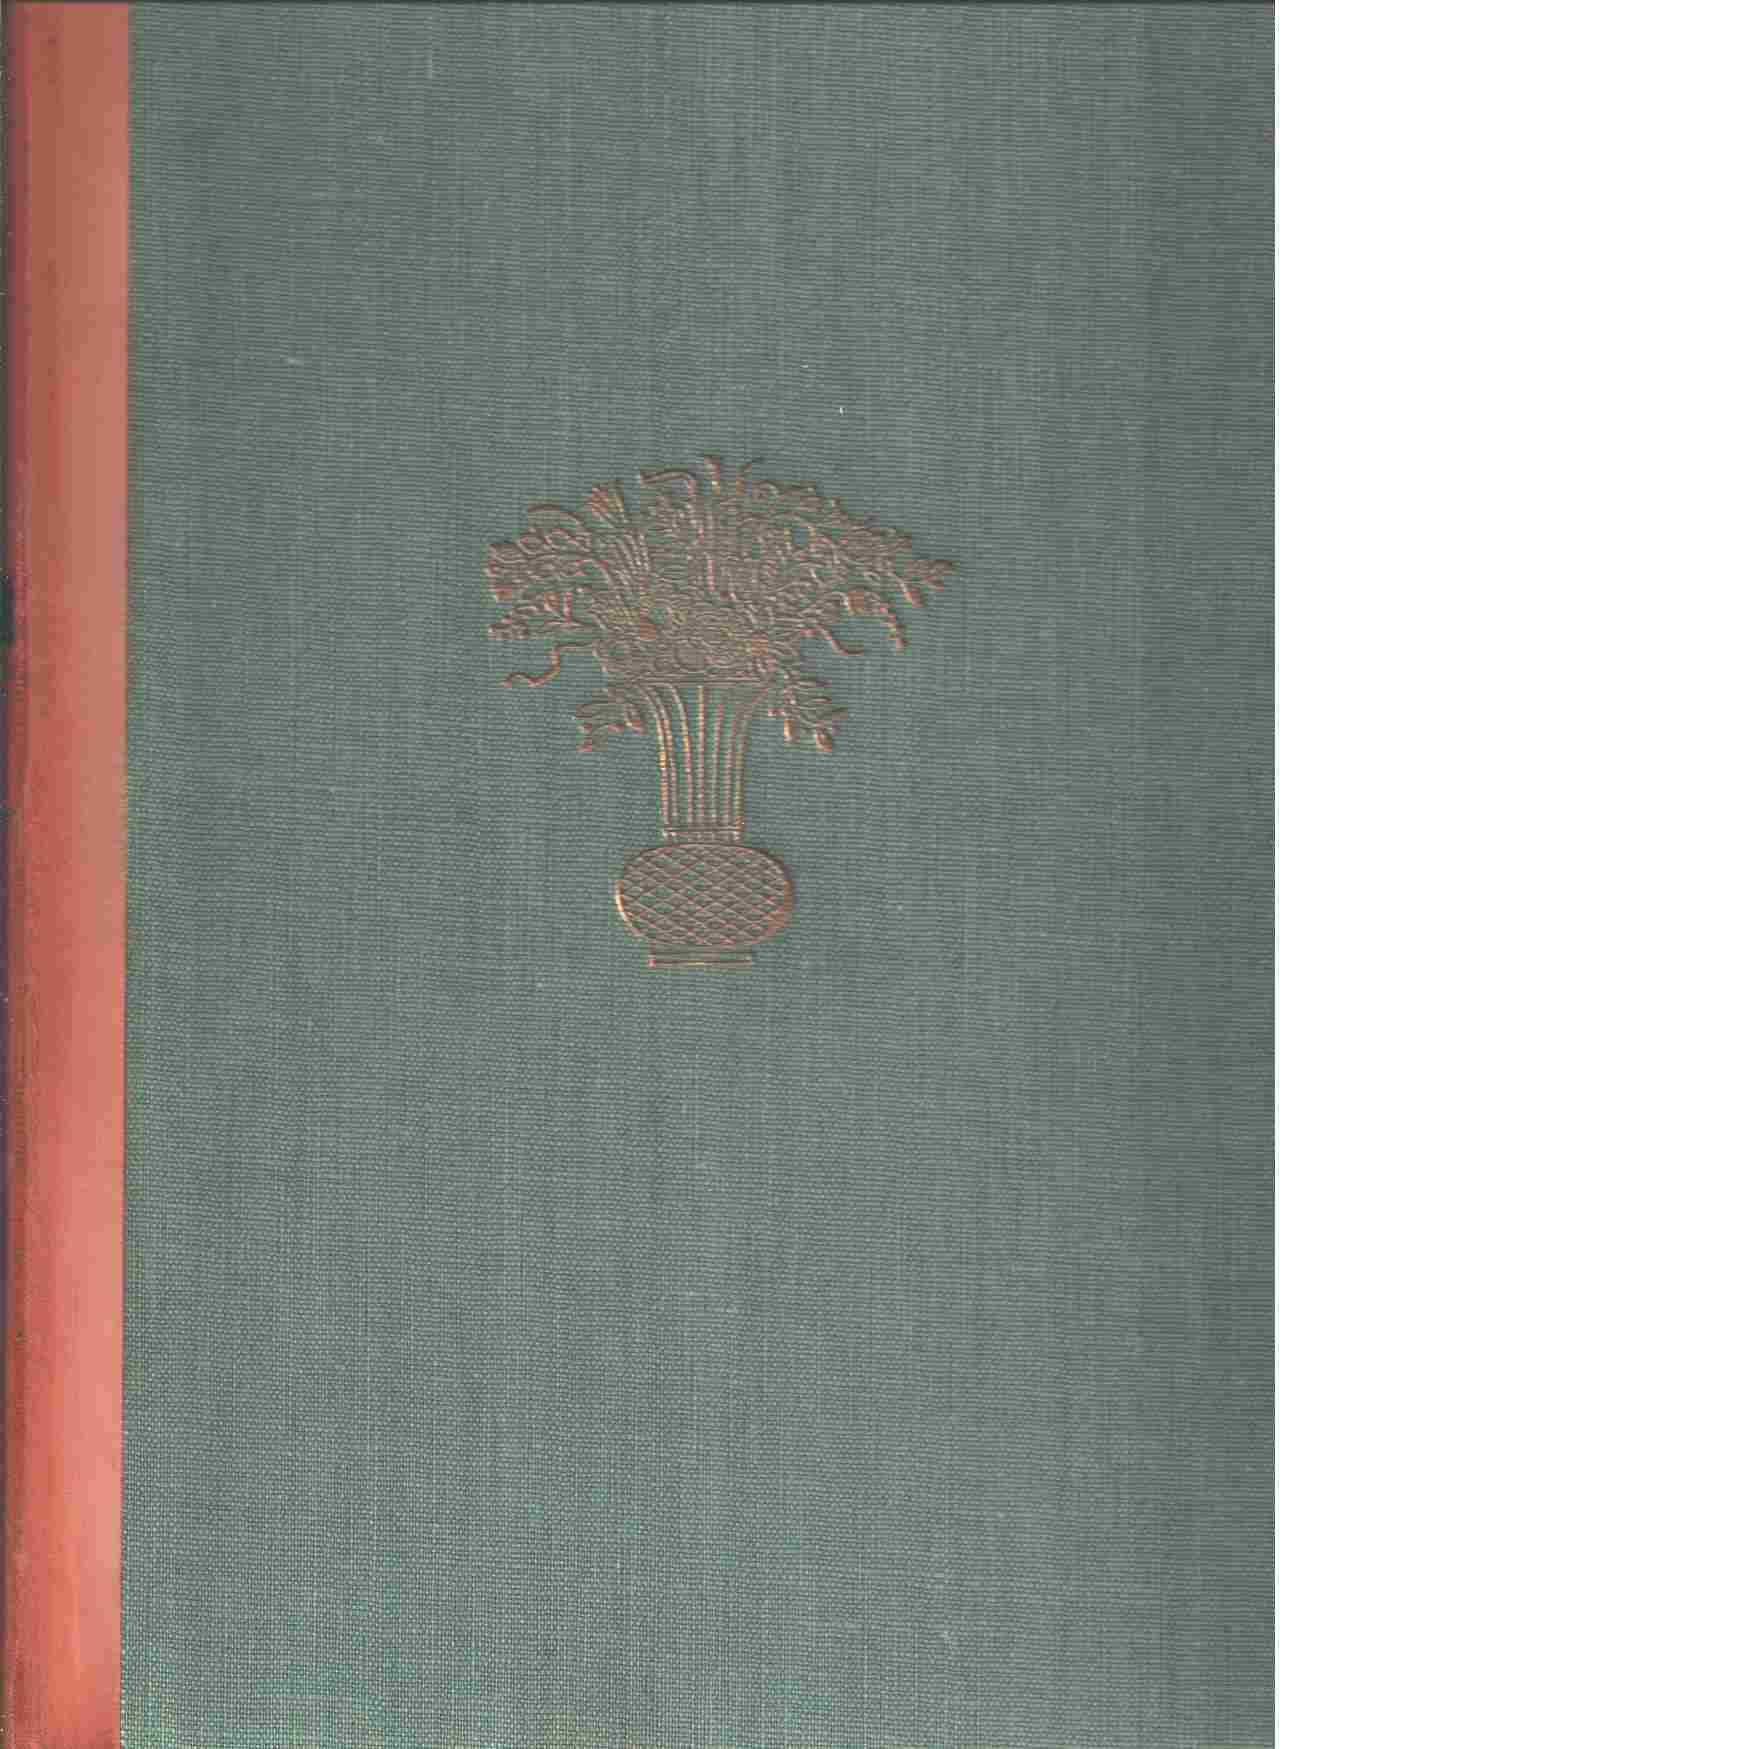 Blommor : en bok om odlade växter - Söderberg, Erik [Sigurd]